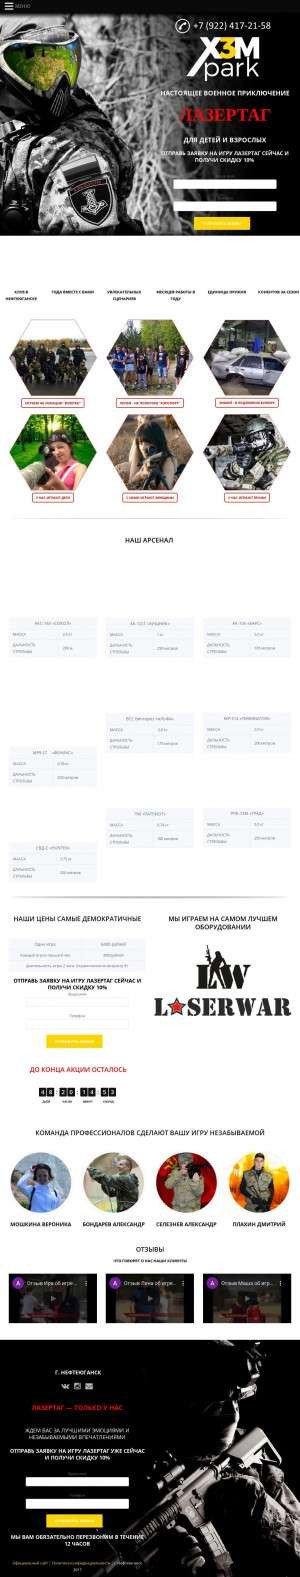 Предпросмотр для x3mpark.ru — Икс3м парк